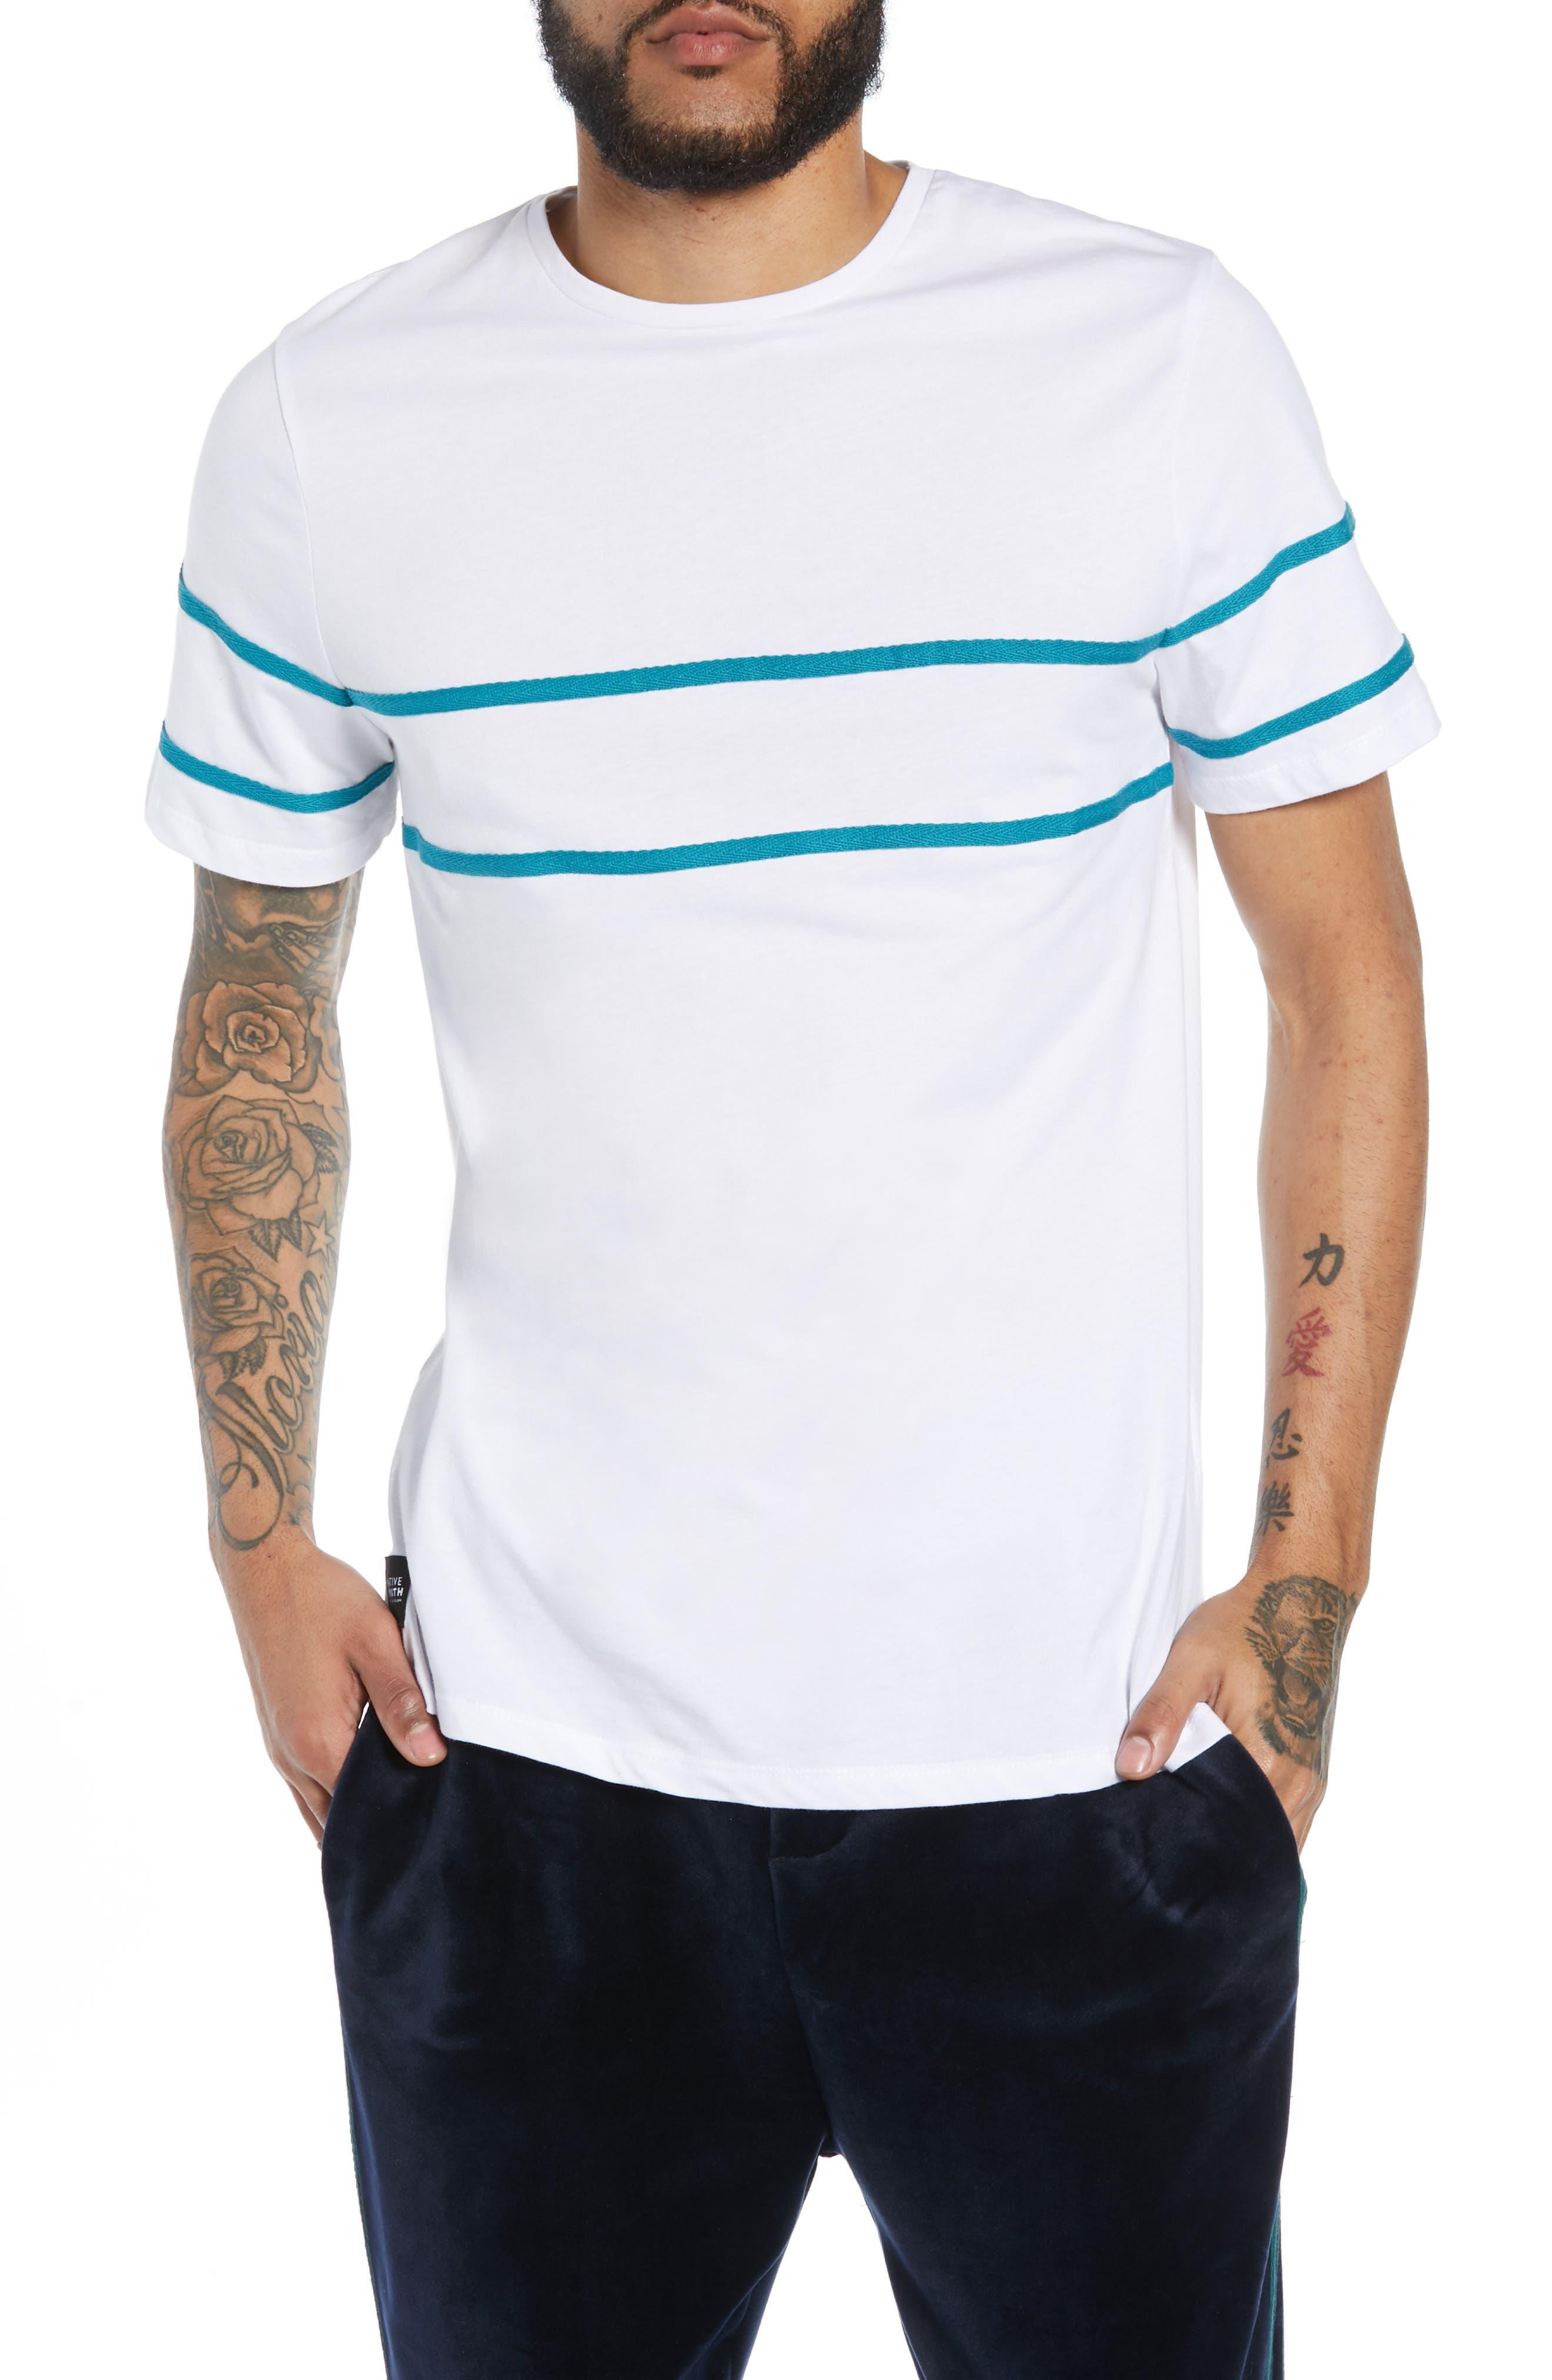 Native Youth Herringbone Tape T-Shirt, White